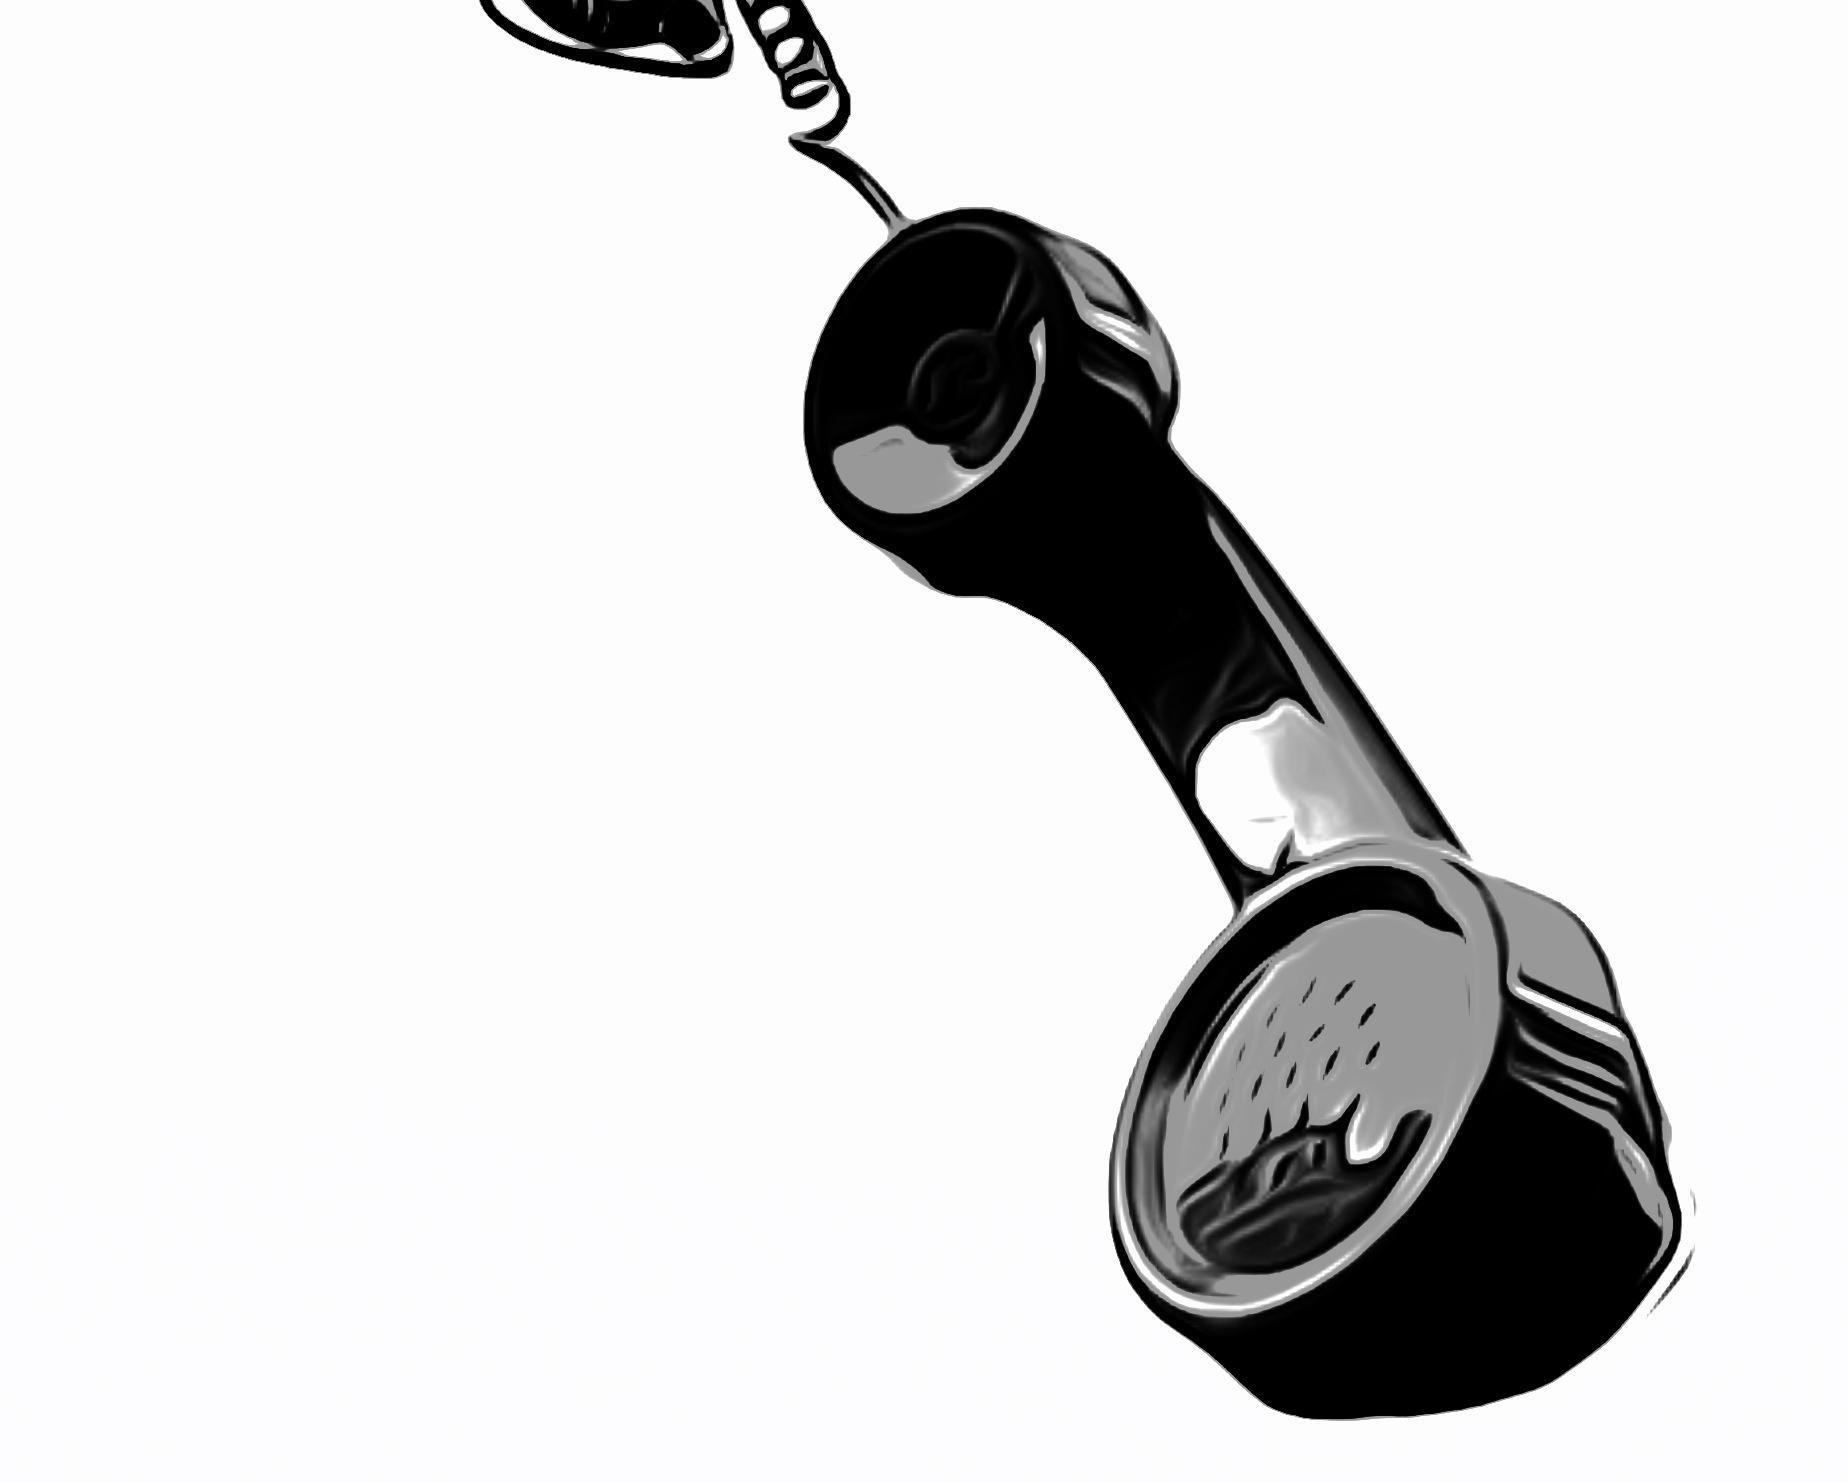 Telefooncentrale BEL Combinatie kraakt in zijn voegen, doorverbinden lang niet altijd mogelijk